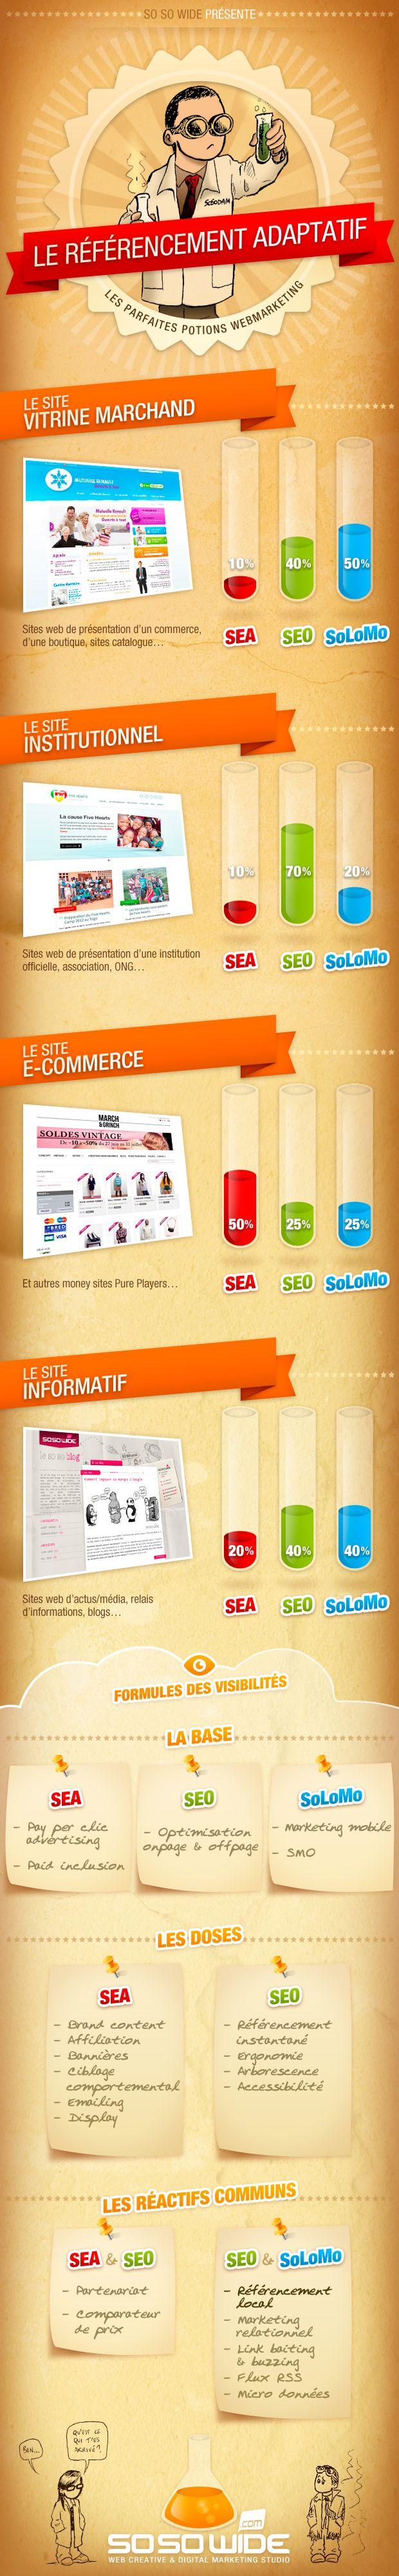 Infographie : le dosage SEA / SEO / SoLoMo… Une infographie qui propose un dosage entre liens sponsorisés, SEO, local, social et mobile pour plusieurs types de sites web. Intéressant et une bonne base de réflexion...